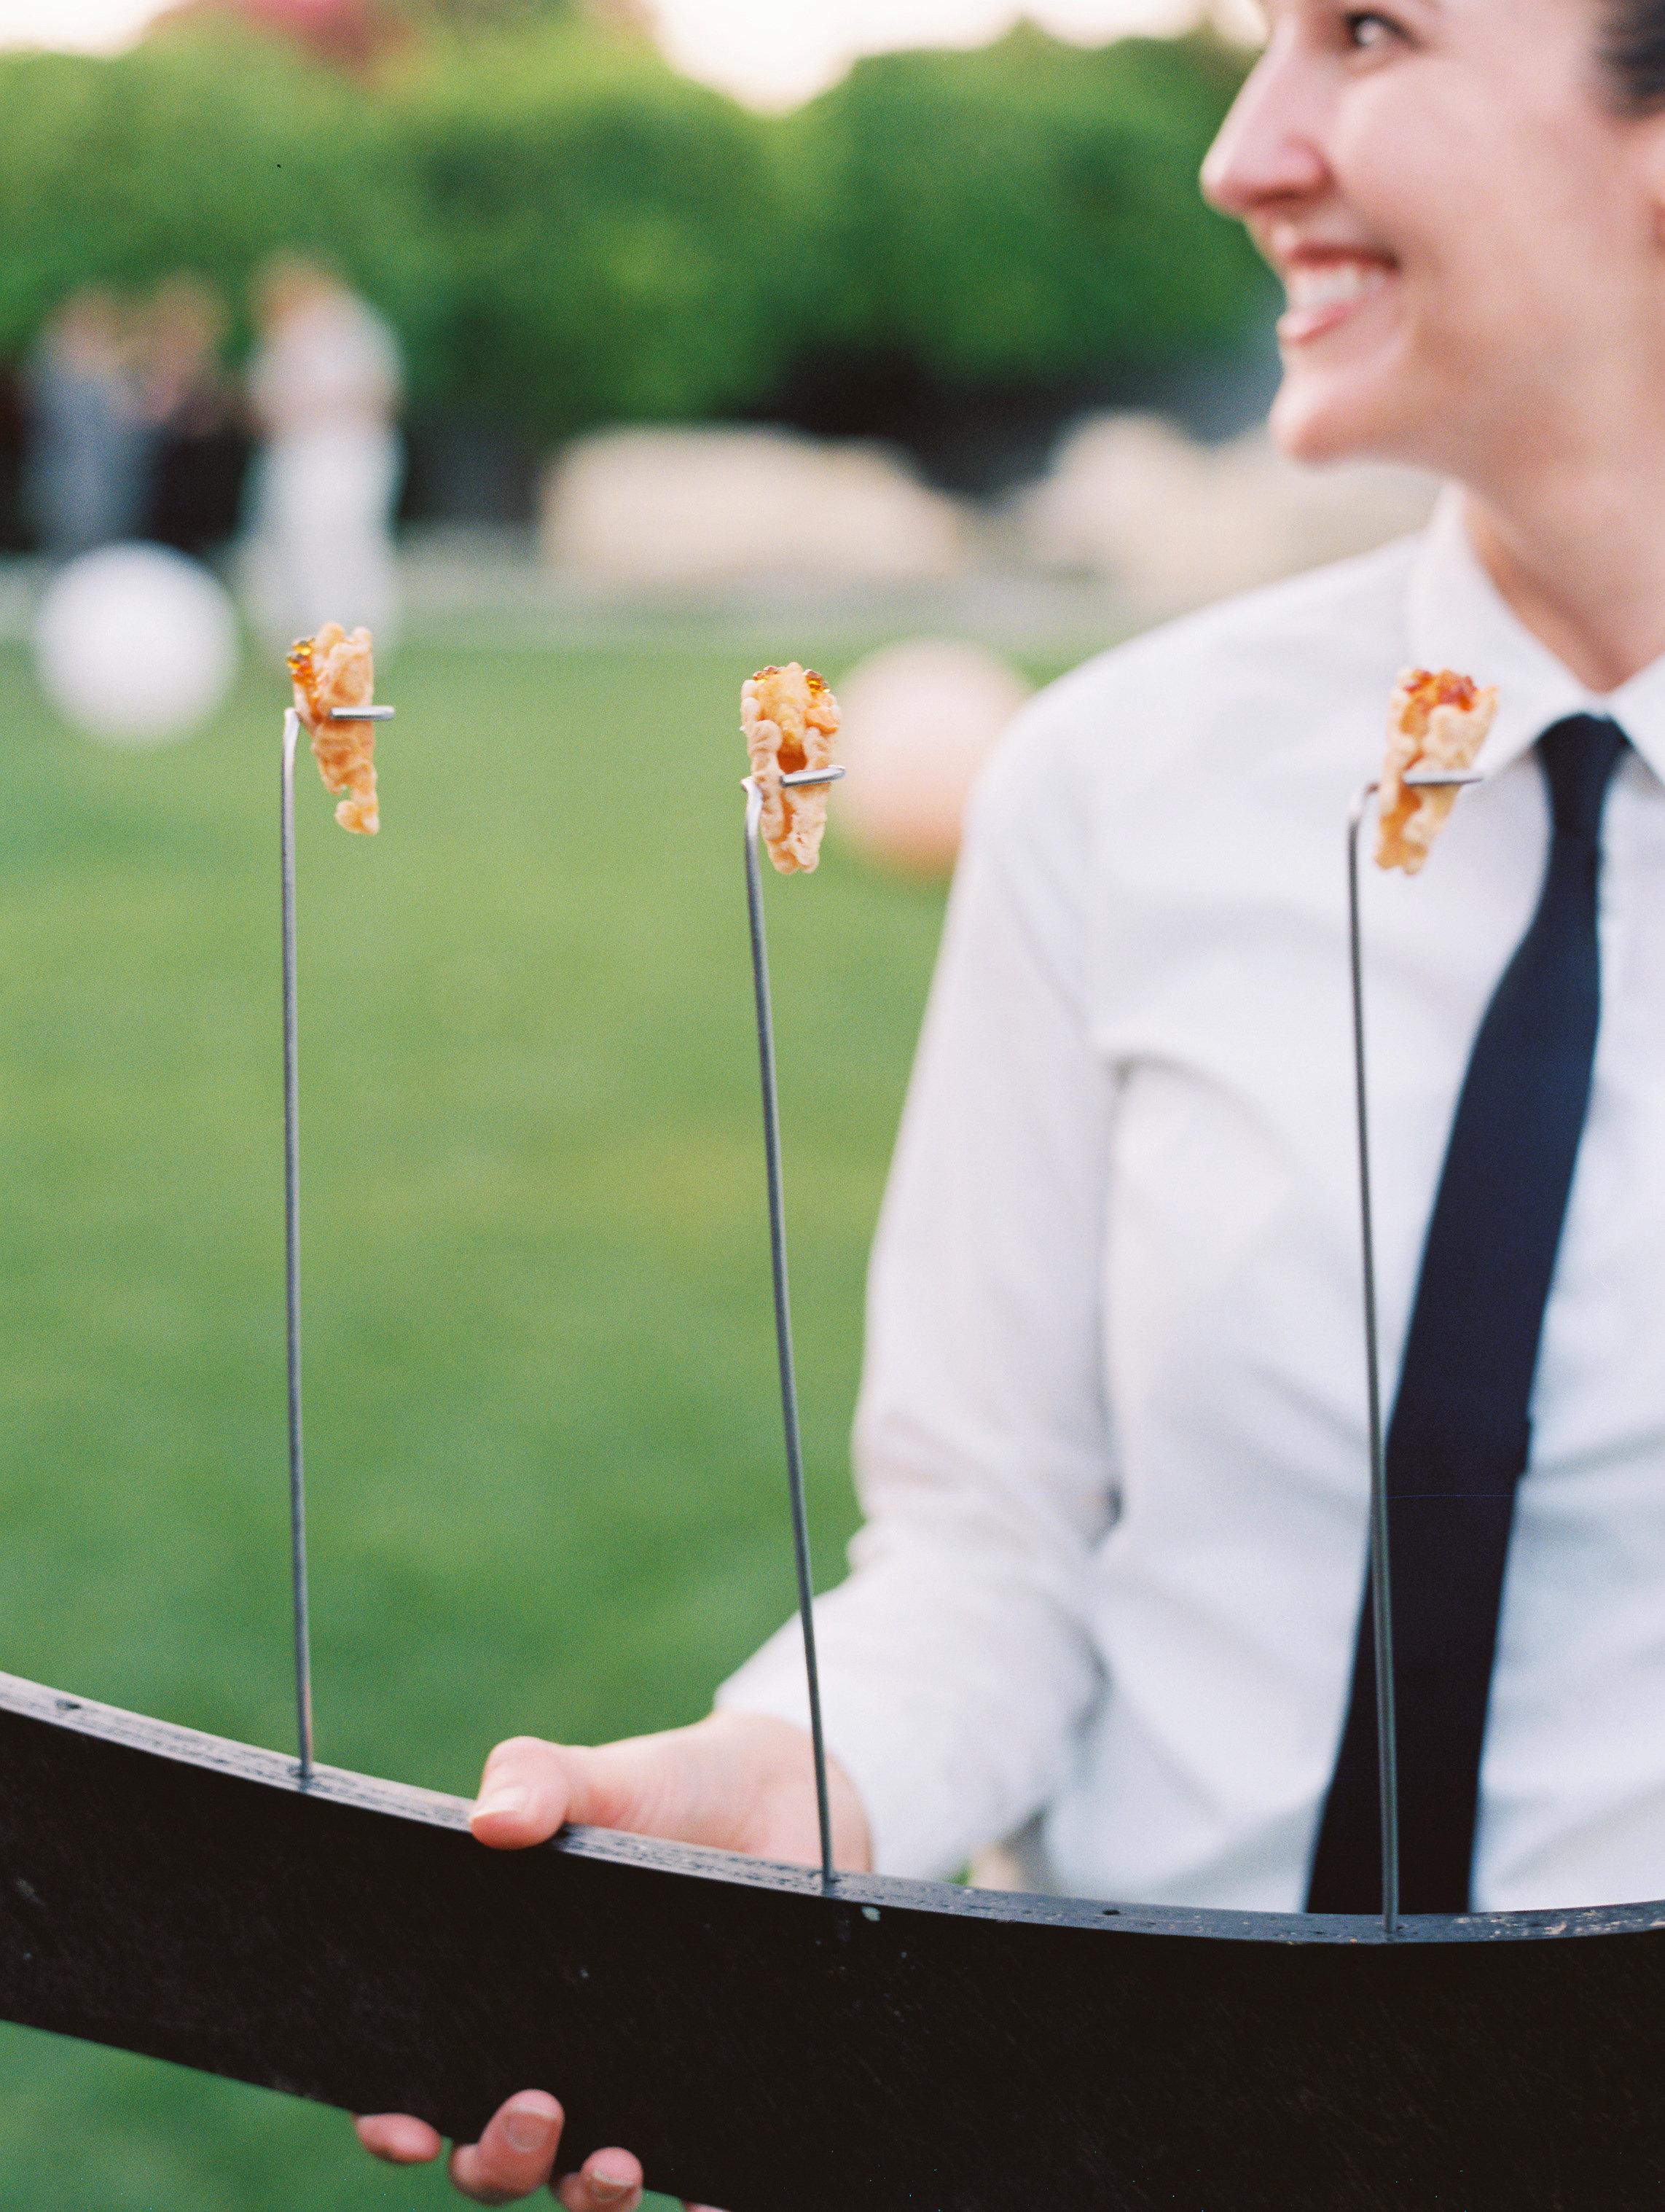 george shawn wedding appetizer